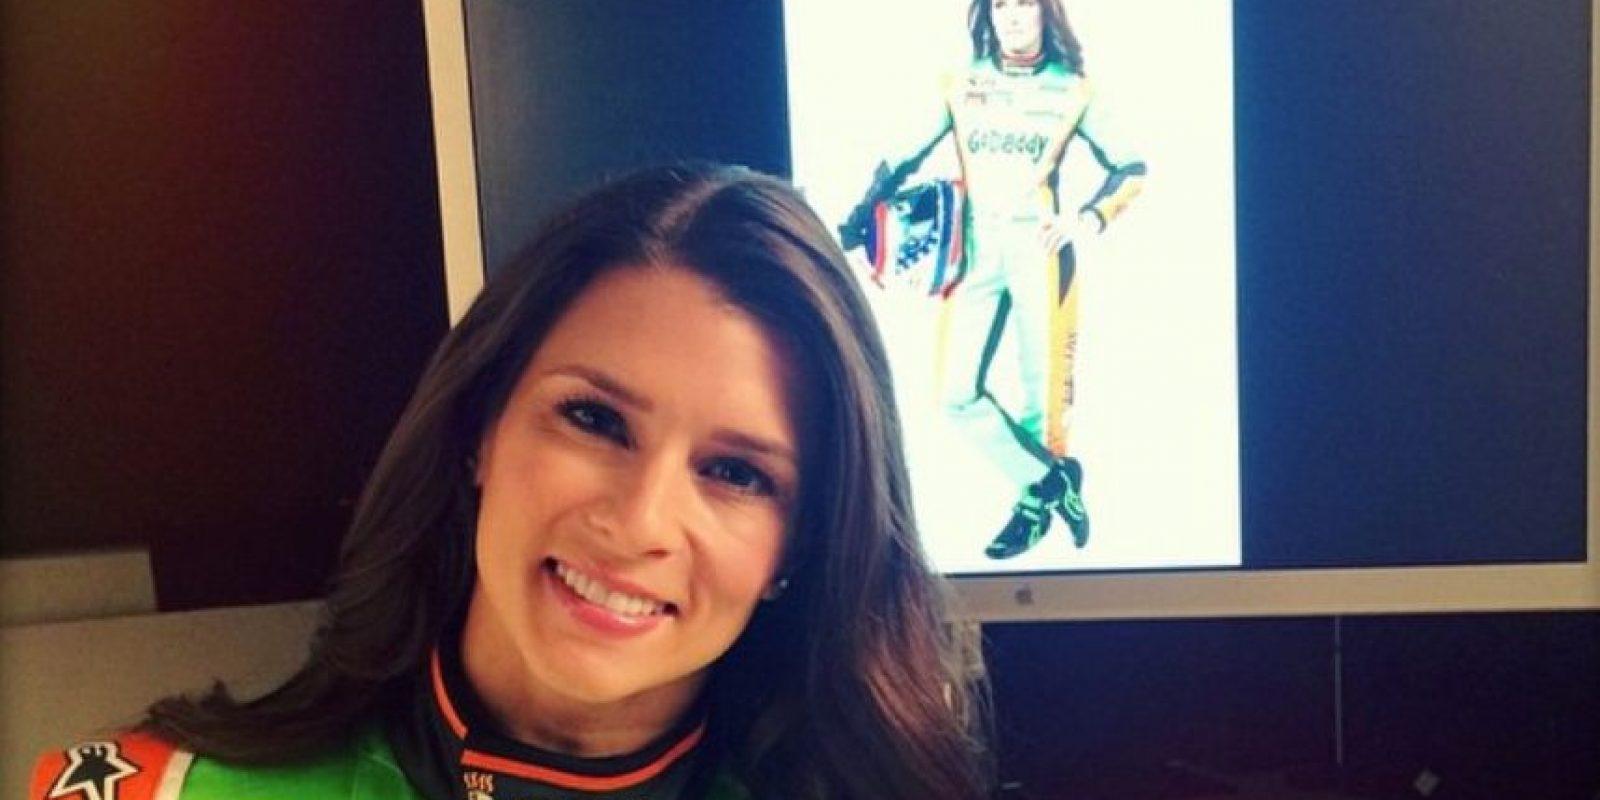 La piloto de carreras estadounidense se quitó el traje de carreras Foto:Instagram: @danicapatrick